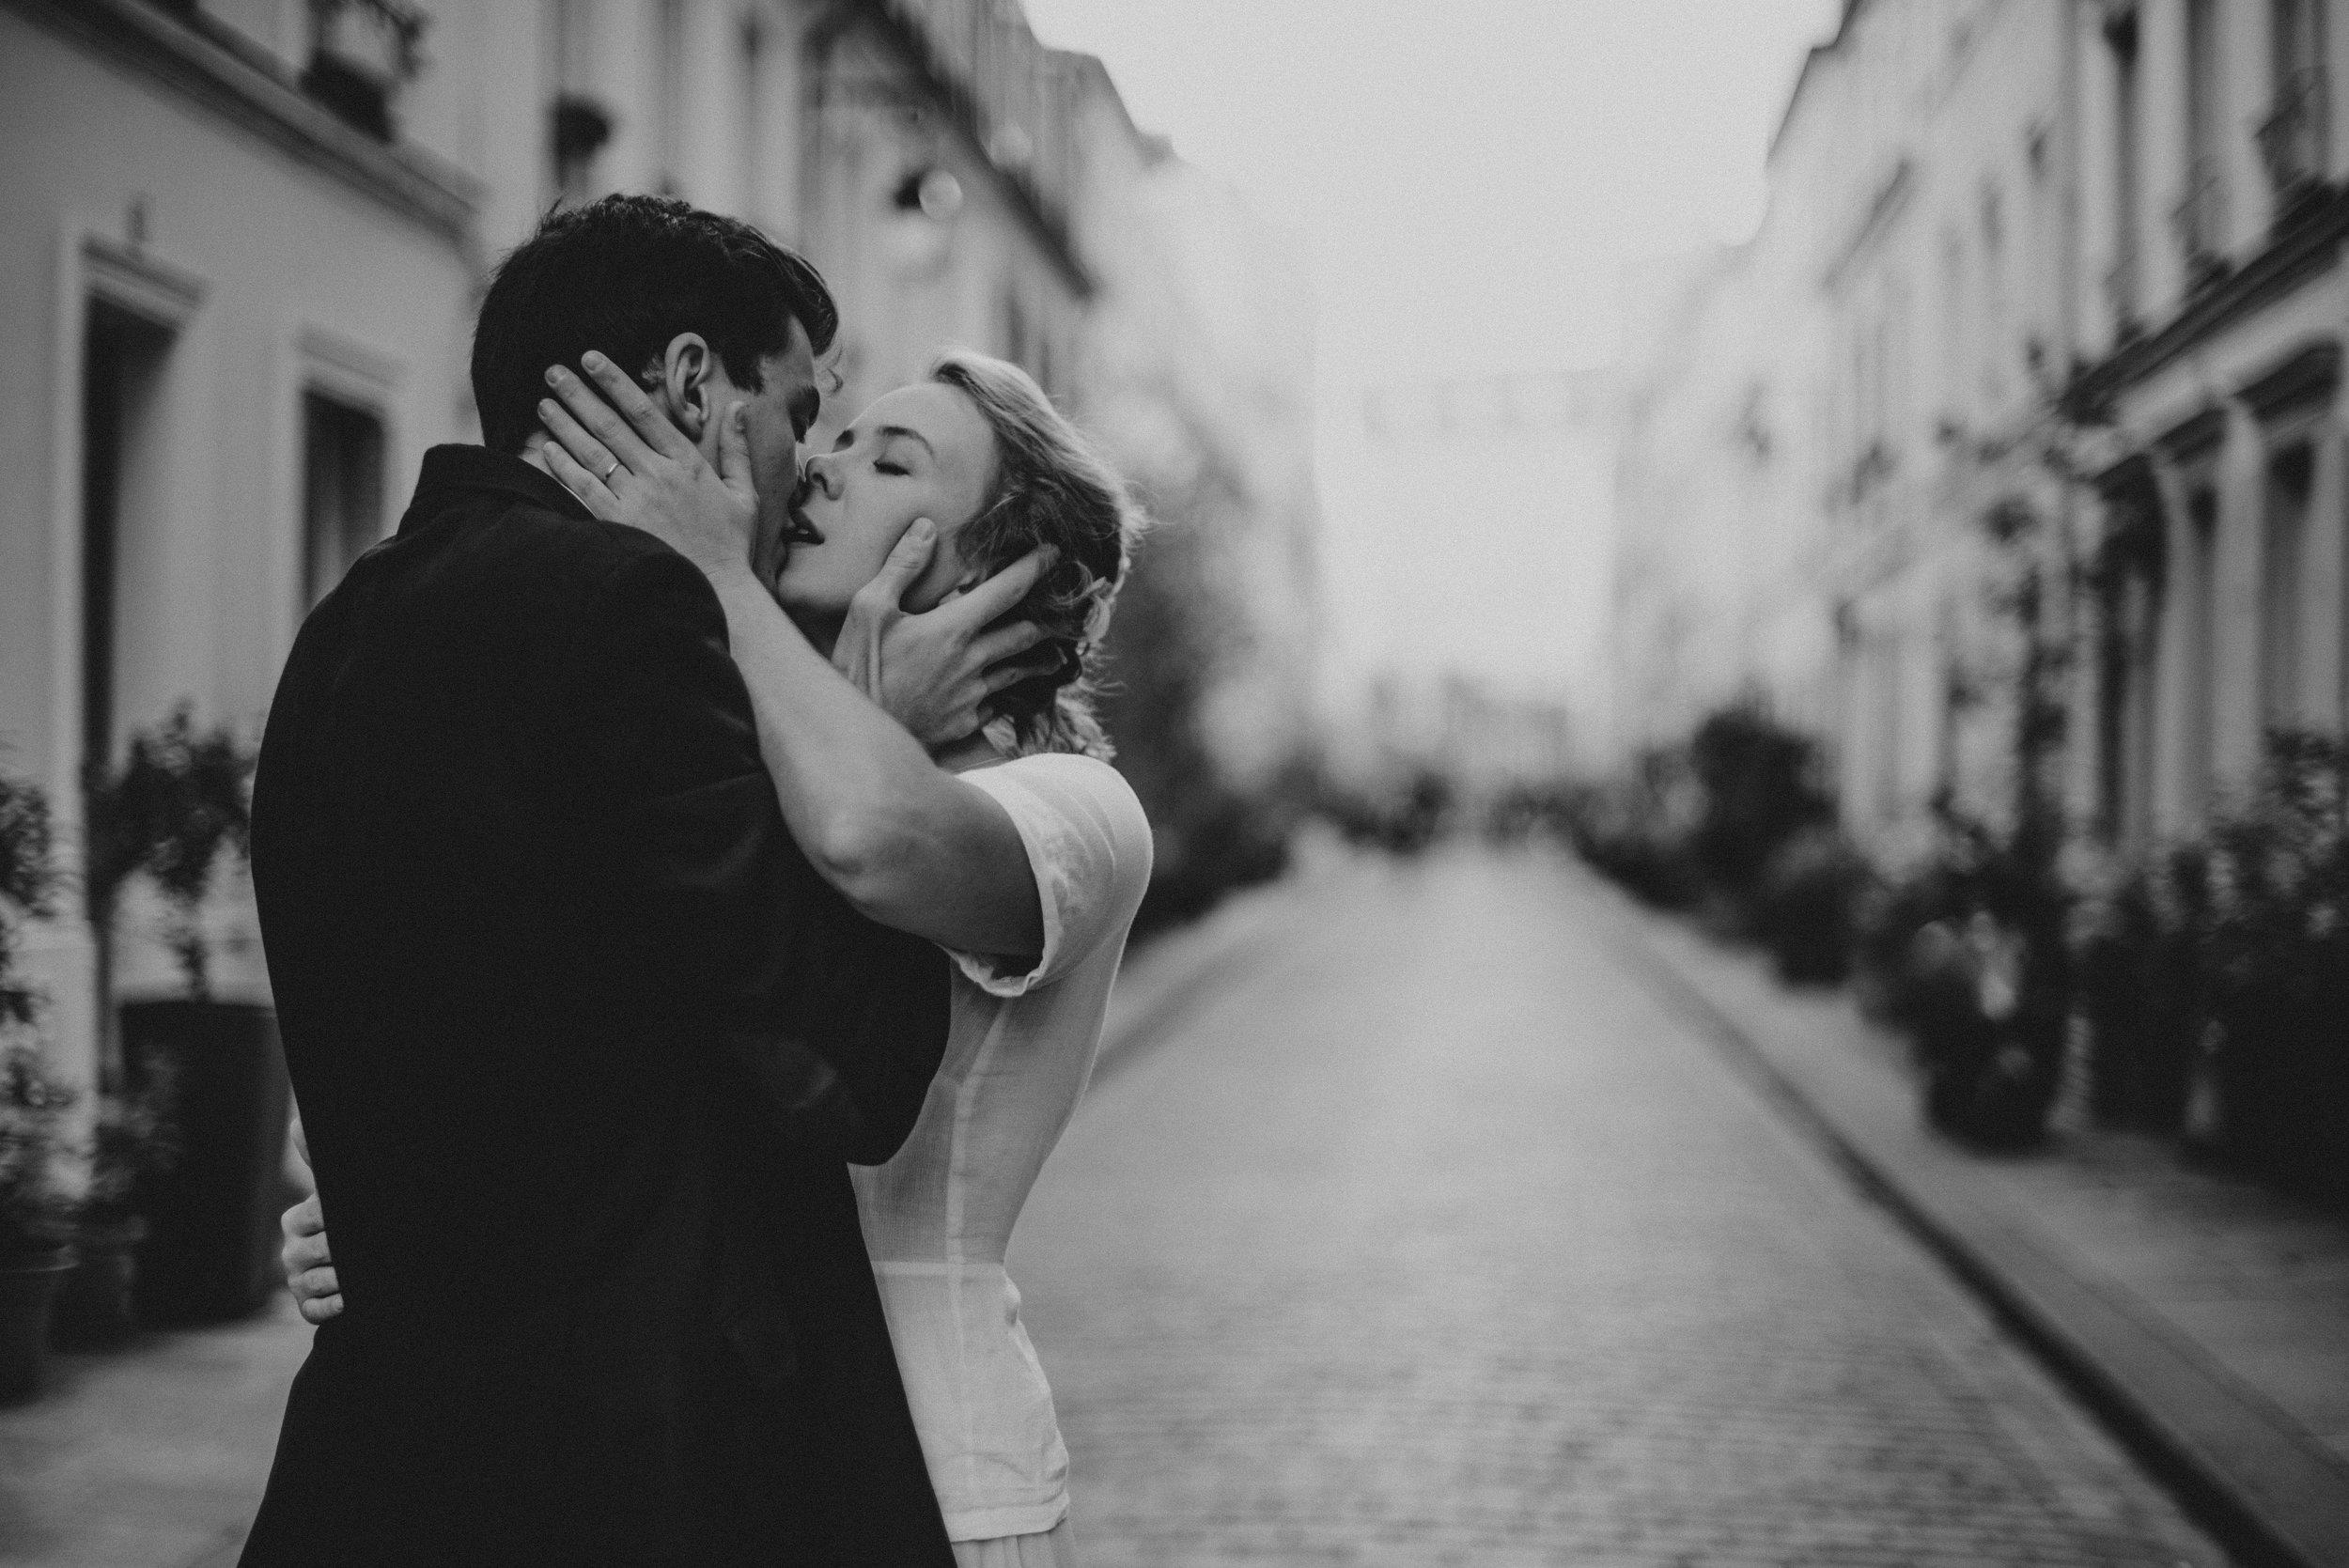 Léa-Fery-photographe-professionnel-lyon-rhone-alpes-portrait-creation-mariage-evenement-evenementiel-famille-2971 - Copie.jpg